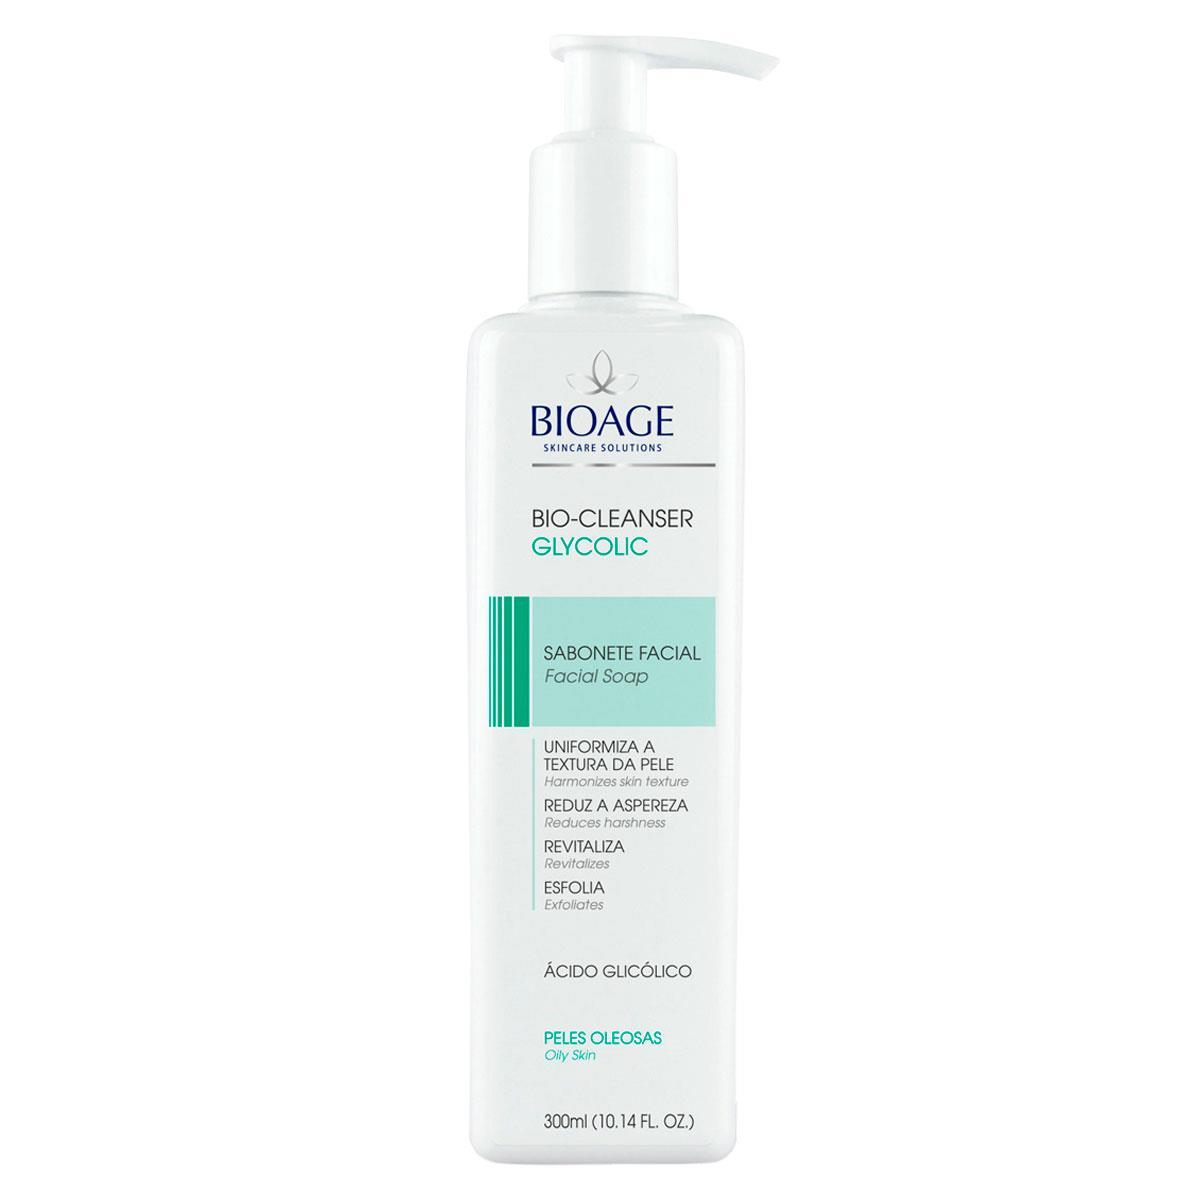 Sabonete Líquido Facial Para Limpeza Profunda Da Pele Bioage - Linha Bio Cleanser Glycolic - 300Ml